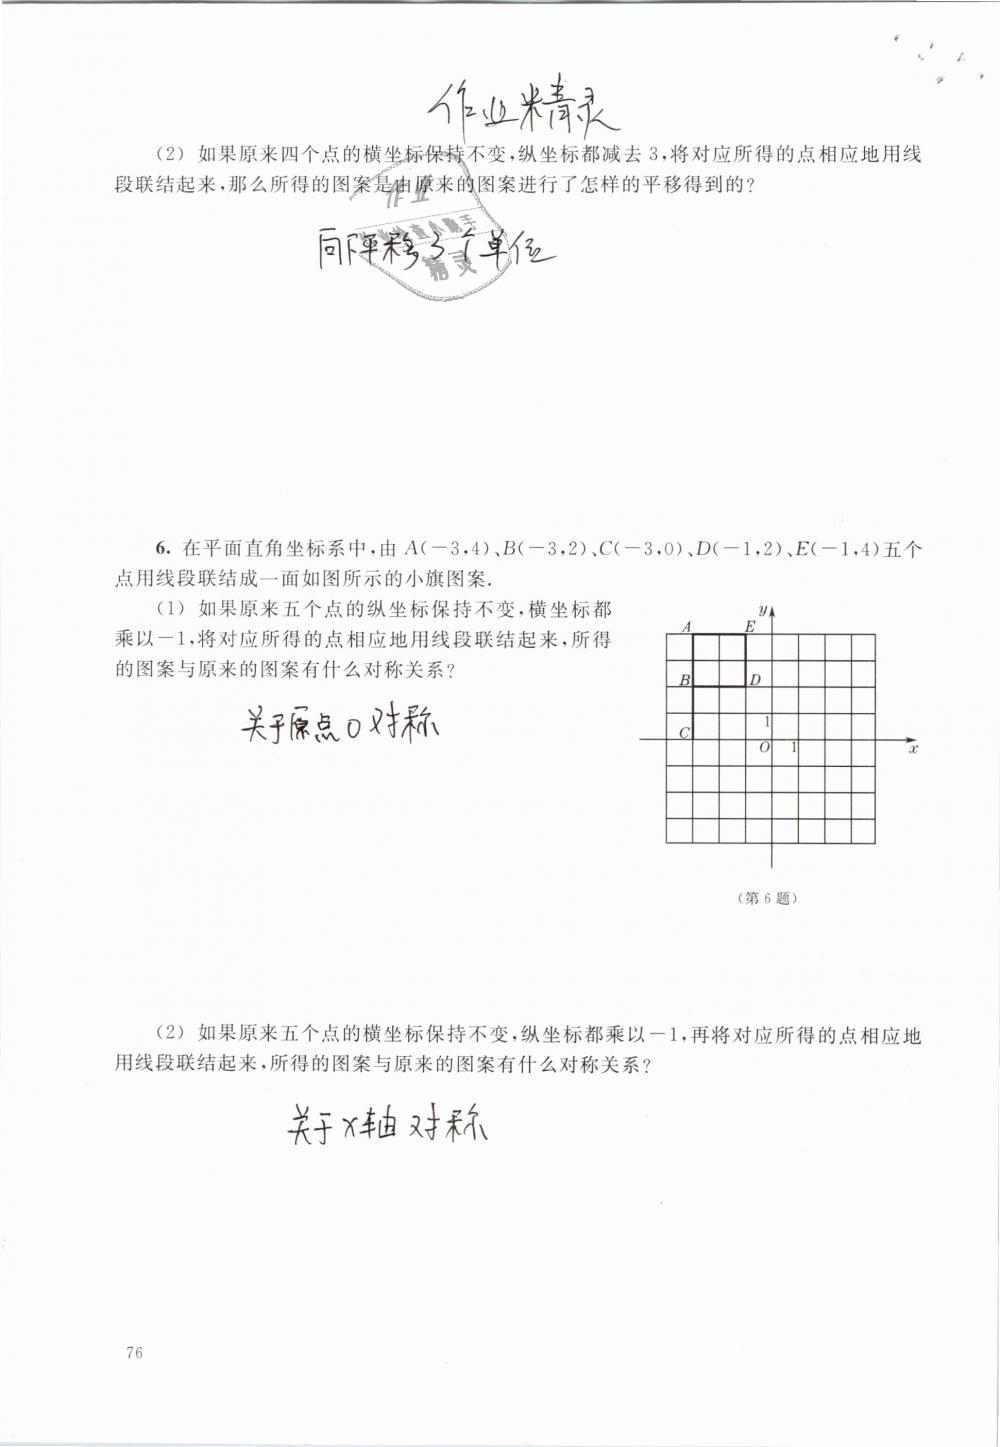 2019年数学练习部分七年级第二学期第76页